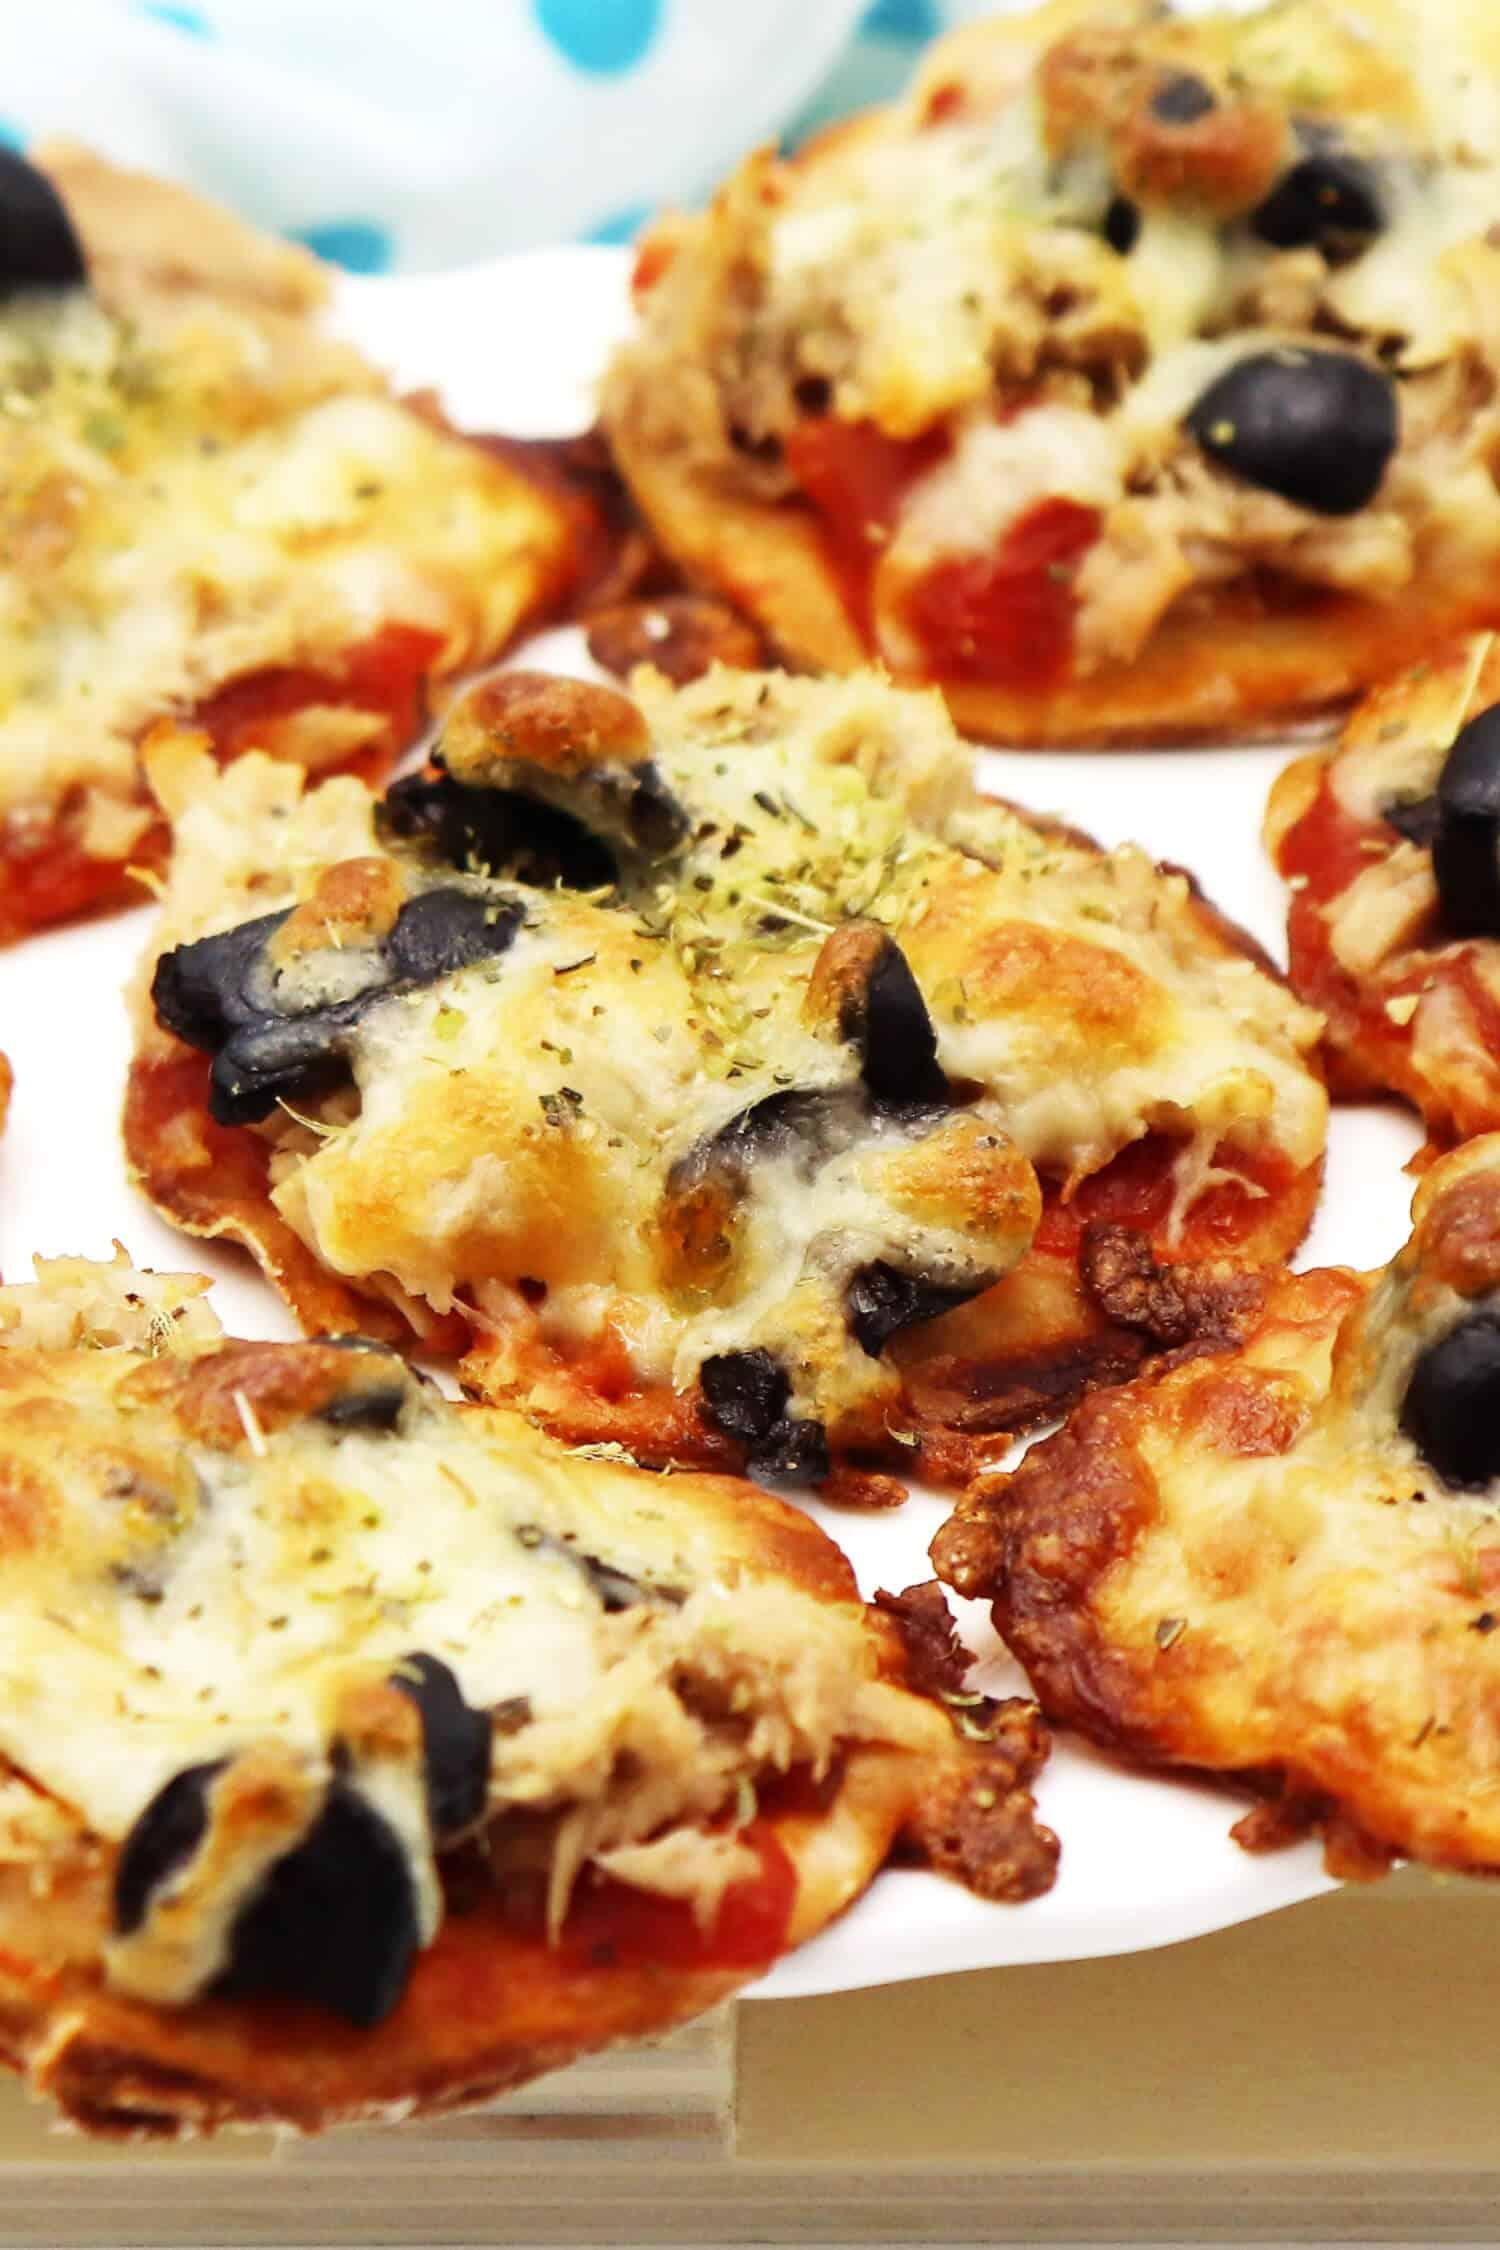 Low Carb Mini Pizza mit Thunfisch und Oliven aus einem Quark-Öl-Teig ohne Kohlenhydrate backen